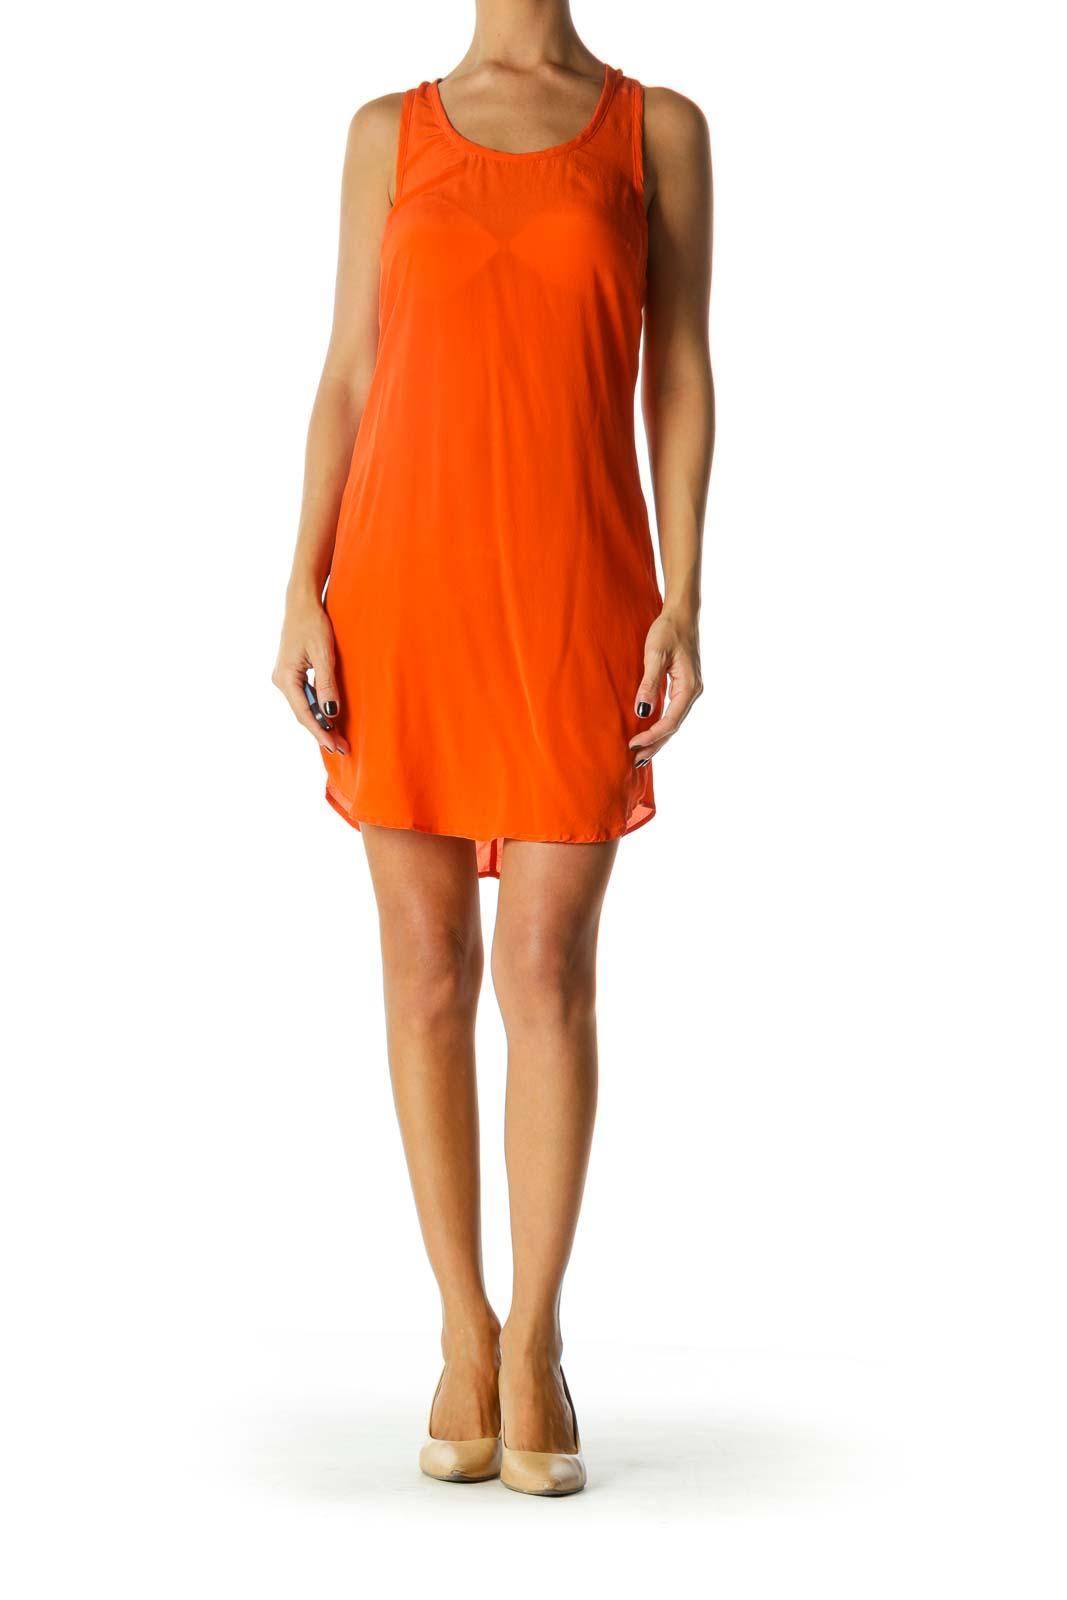 Orange Round Neck Racerback 100% Silk Dress